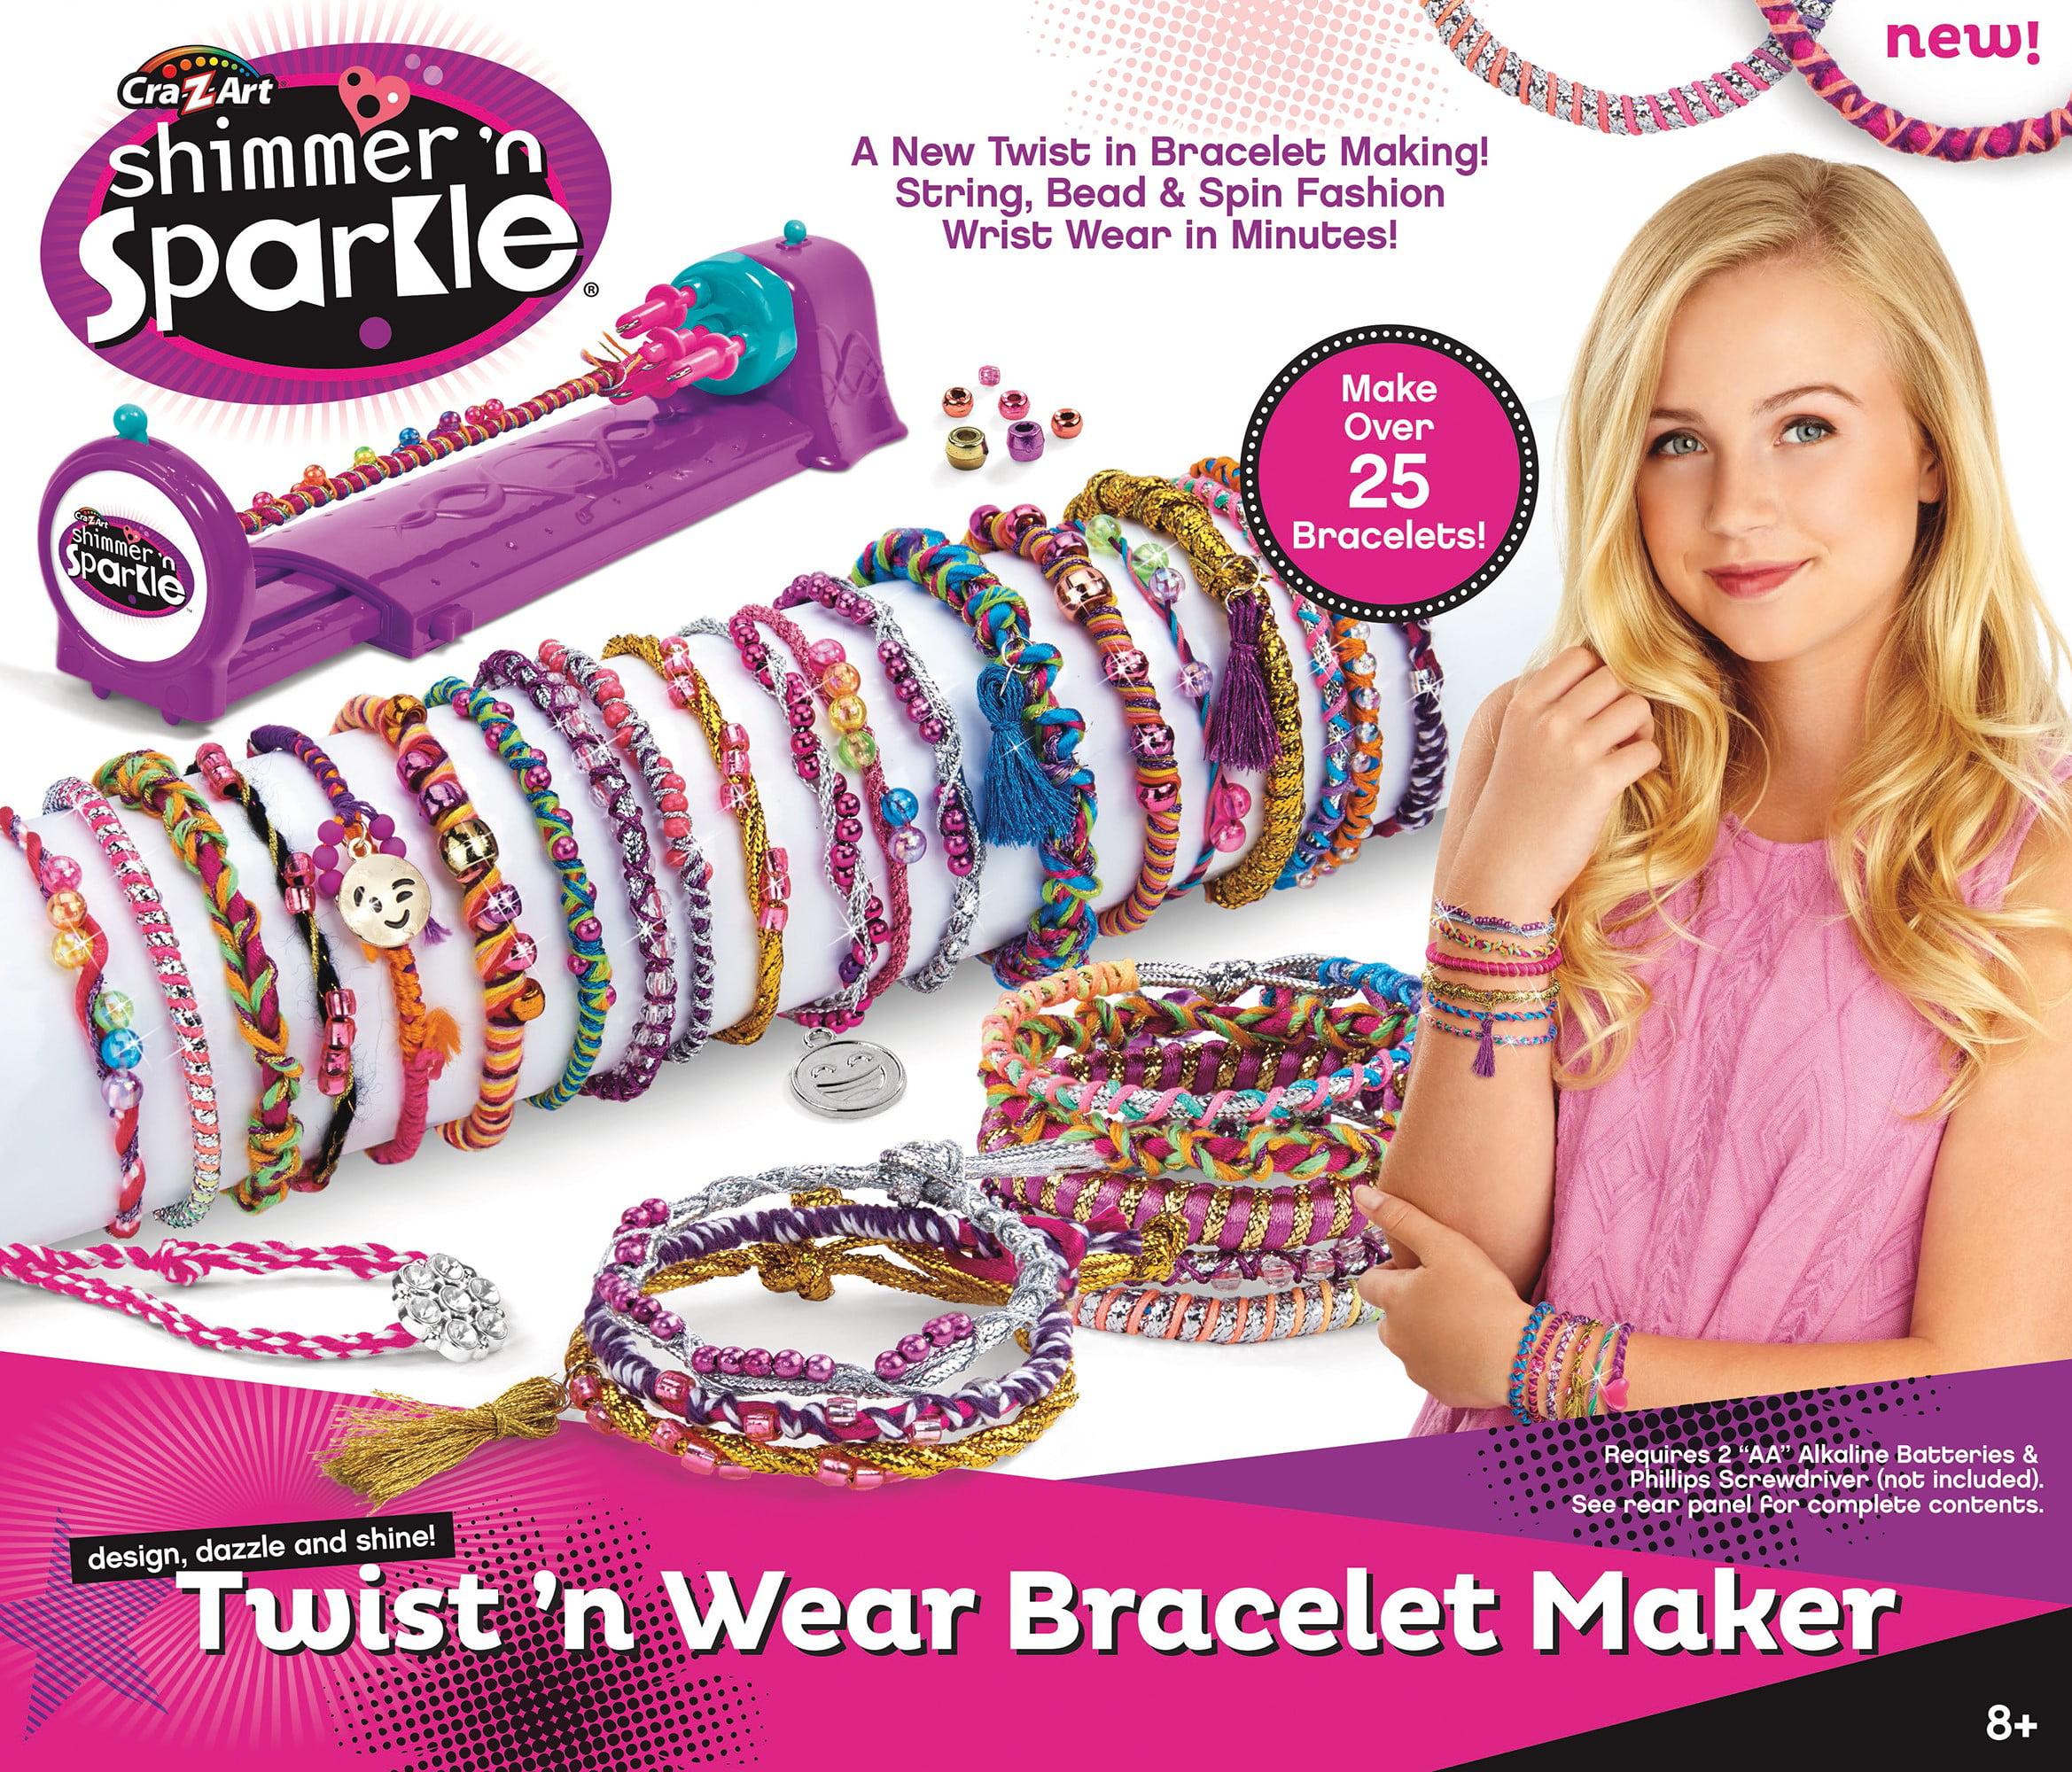 Cra-Z-Art SNS Twist N Wear Bracelet Maker by Generic